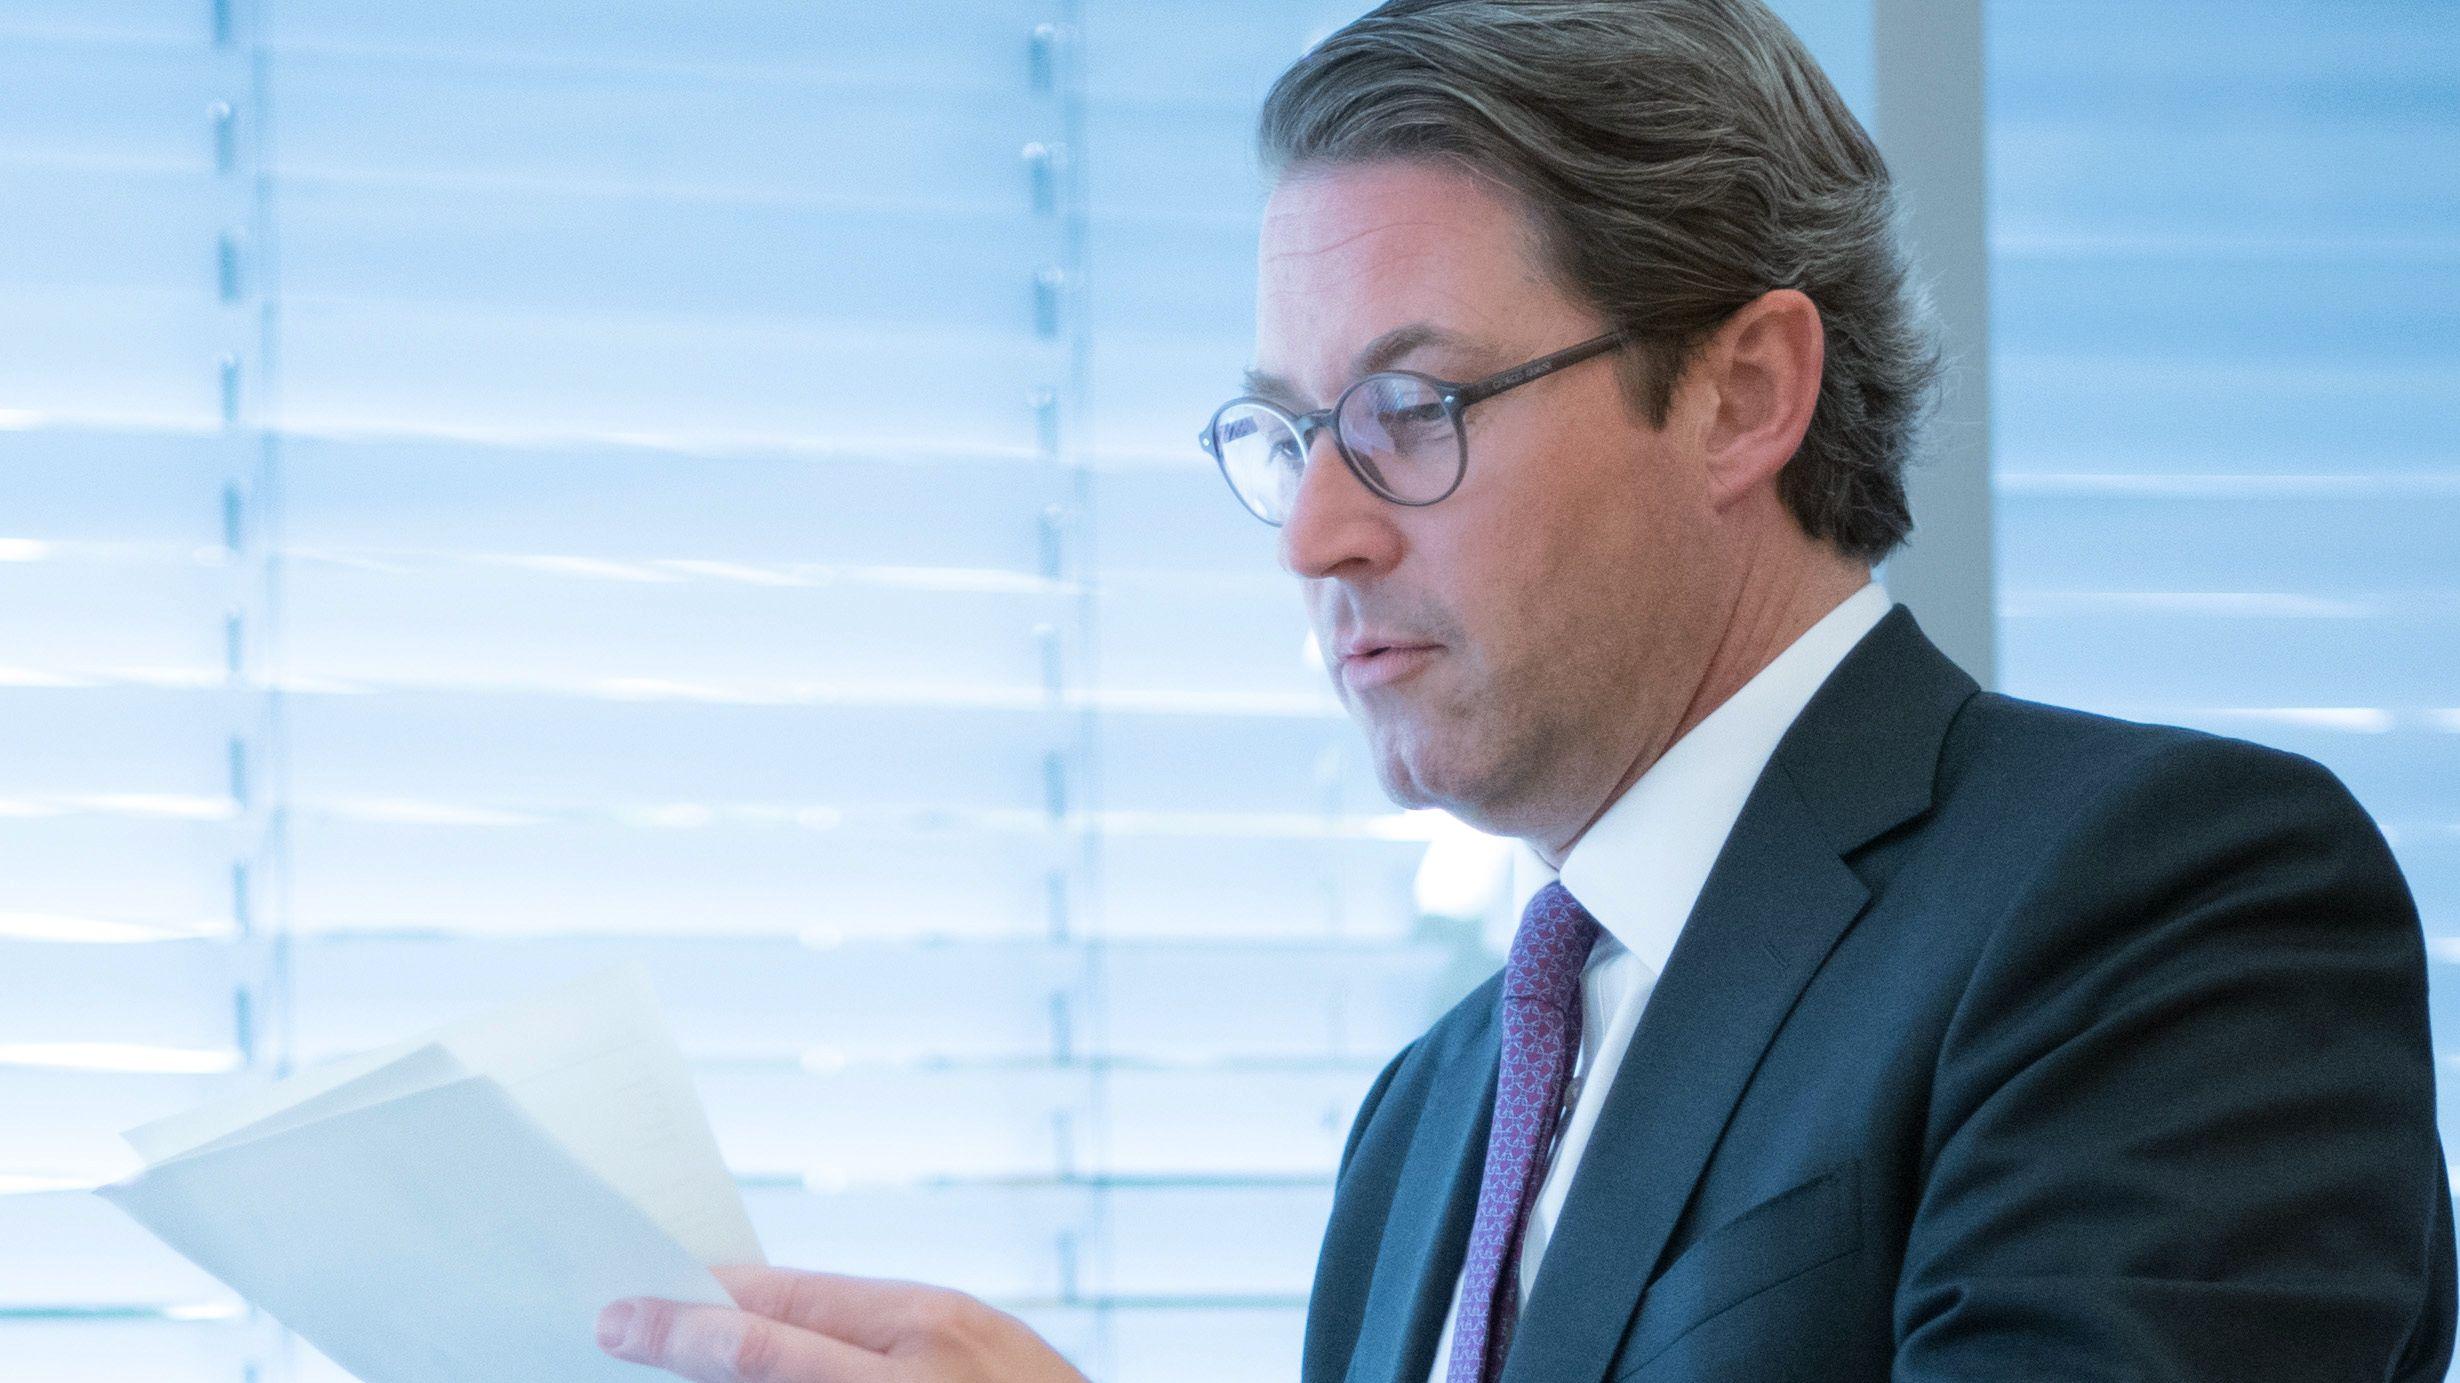 Bundesverkehrsminister Andreas Scheuer bei der Sondersitzung des Verkehrsausschusses zur gescheiterten Pkw-Maut im Bundestag.